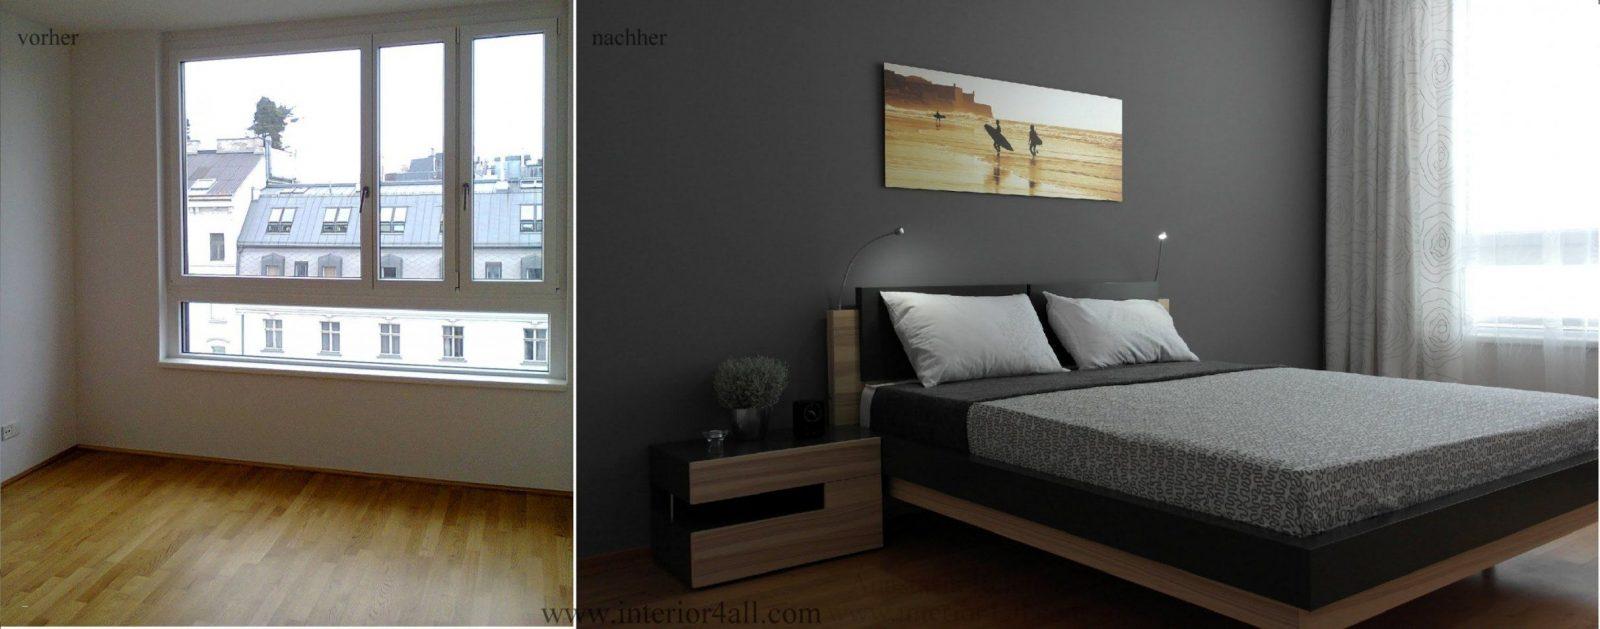 Kleines Schlafzimmer Gestalten Ideen Schön 33 Tolle Schlafzimmer von Ideen Für Kleine Schlafzimmer Photo